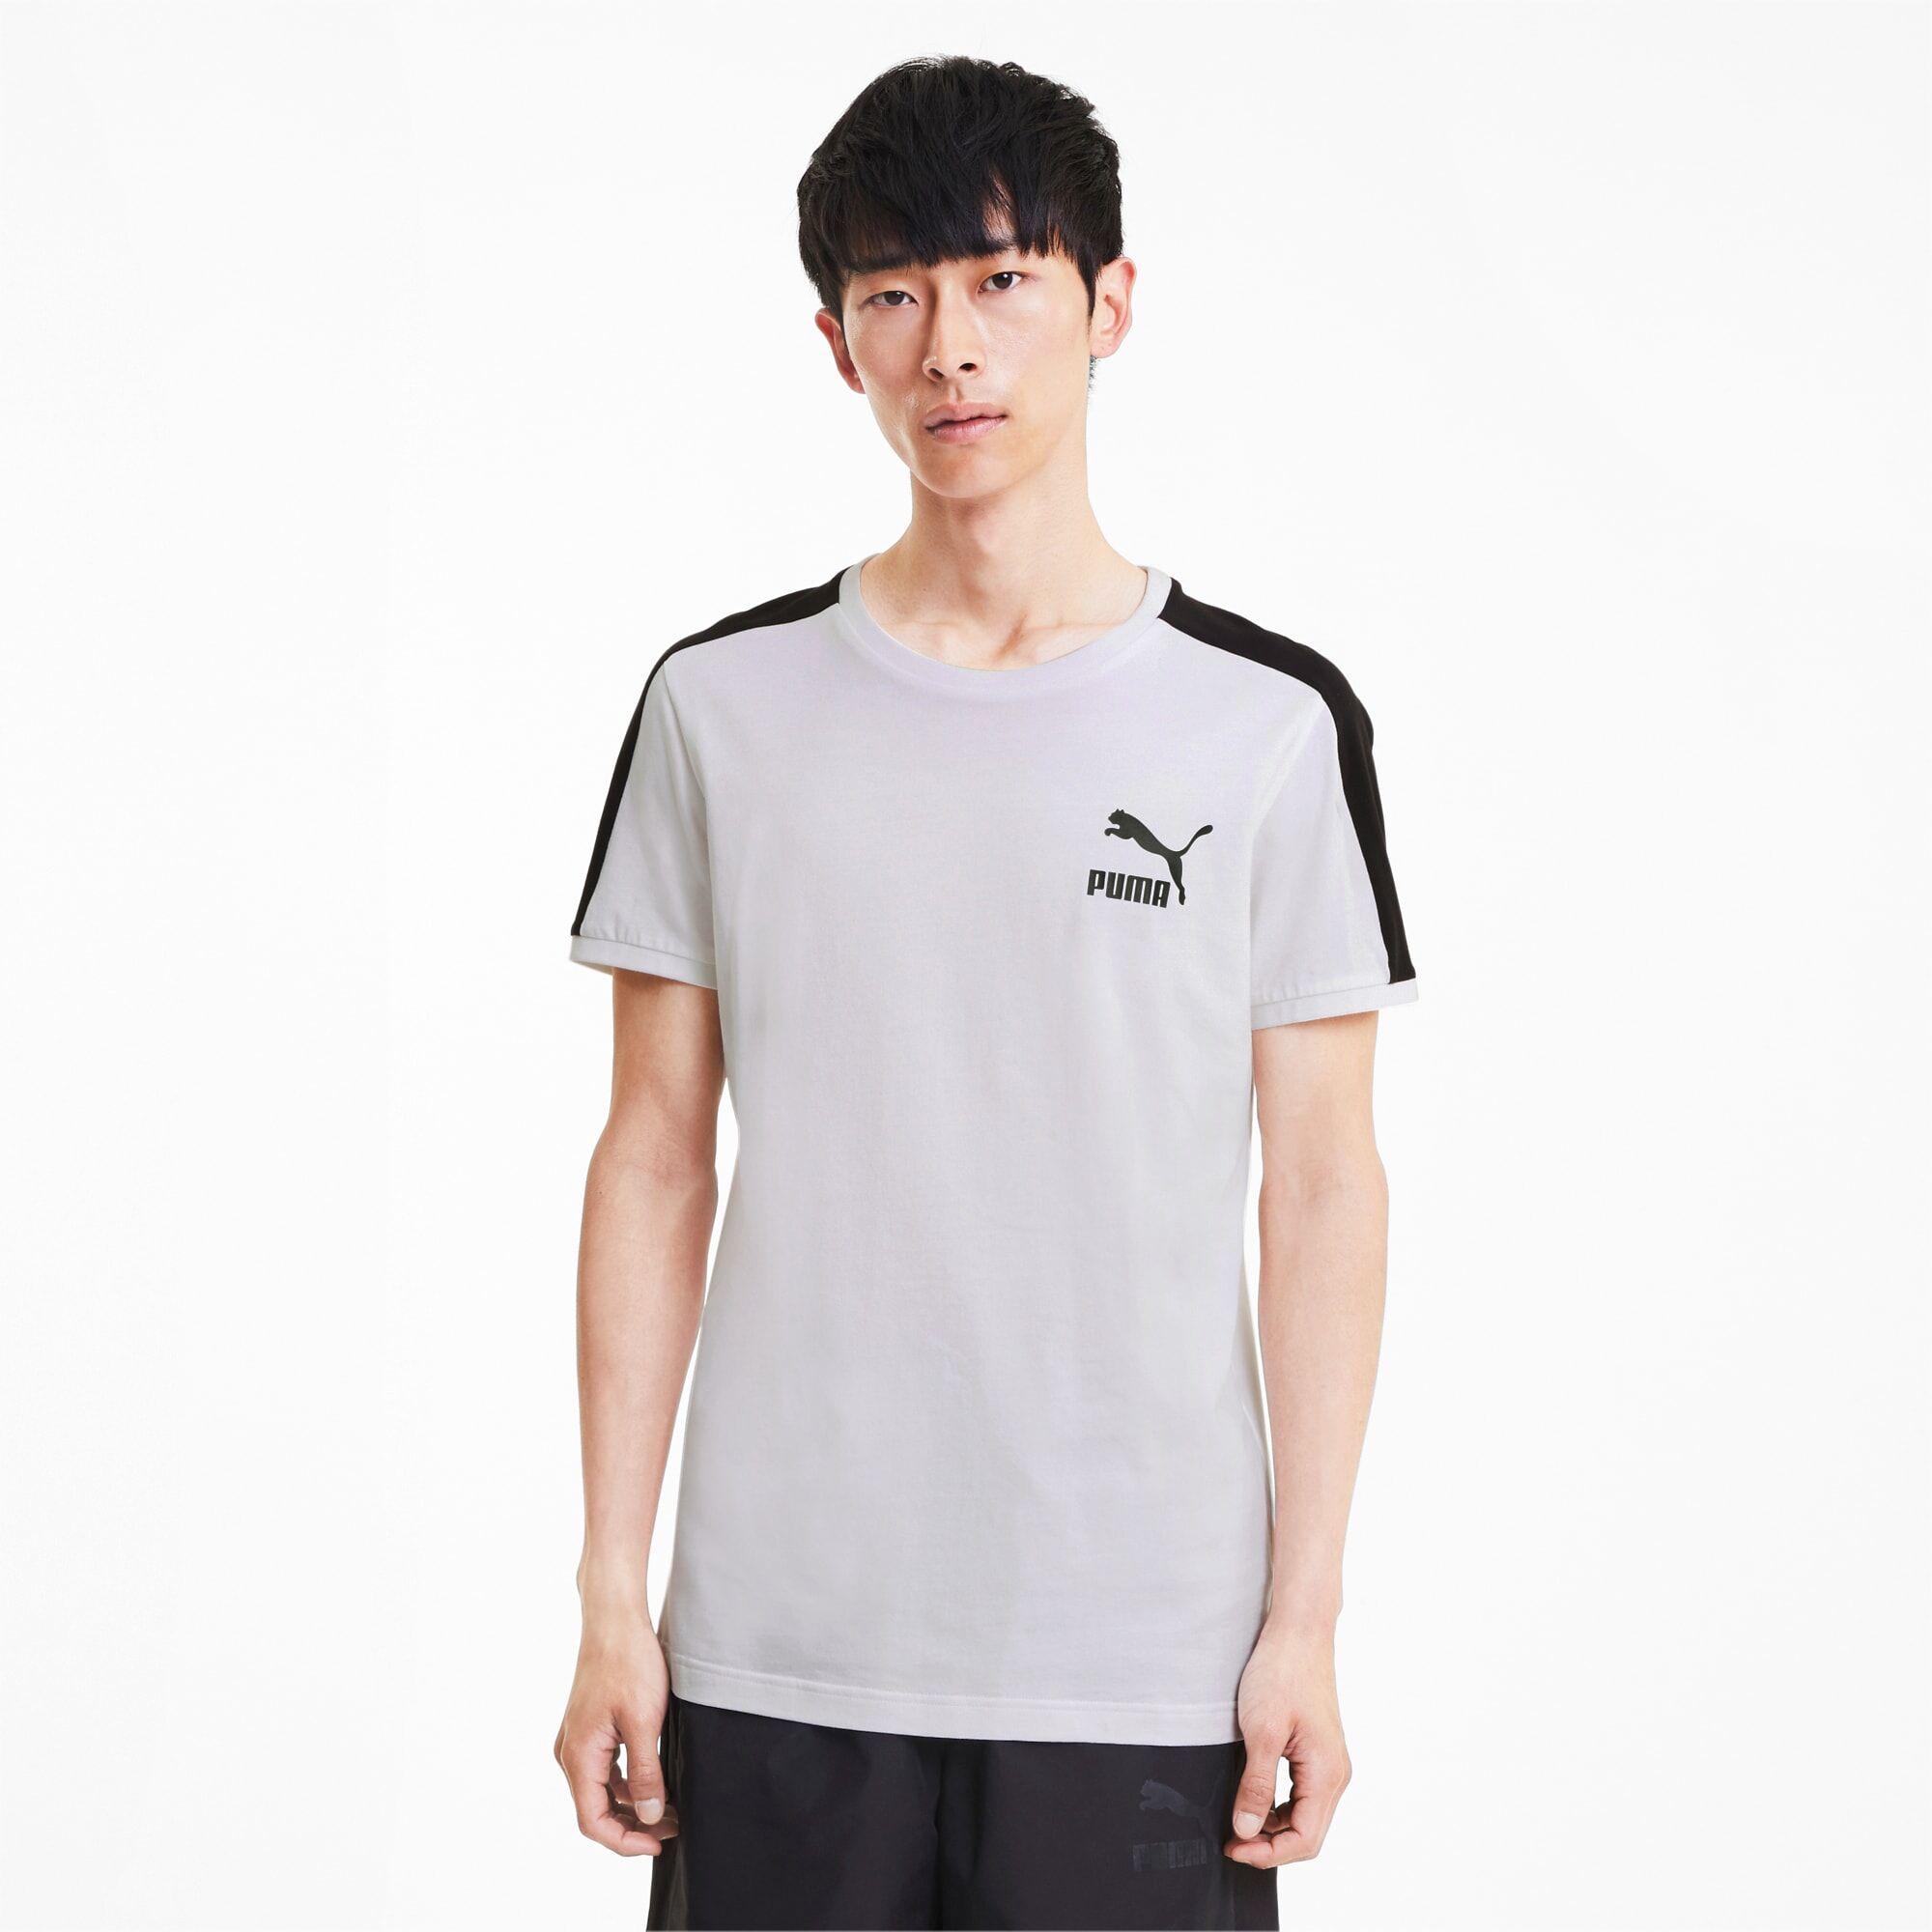 PUMA T-Shirt Iconic T7 Slim pour Homme, Blanc, Taille 6XL, Vêtements